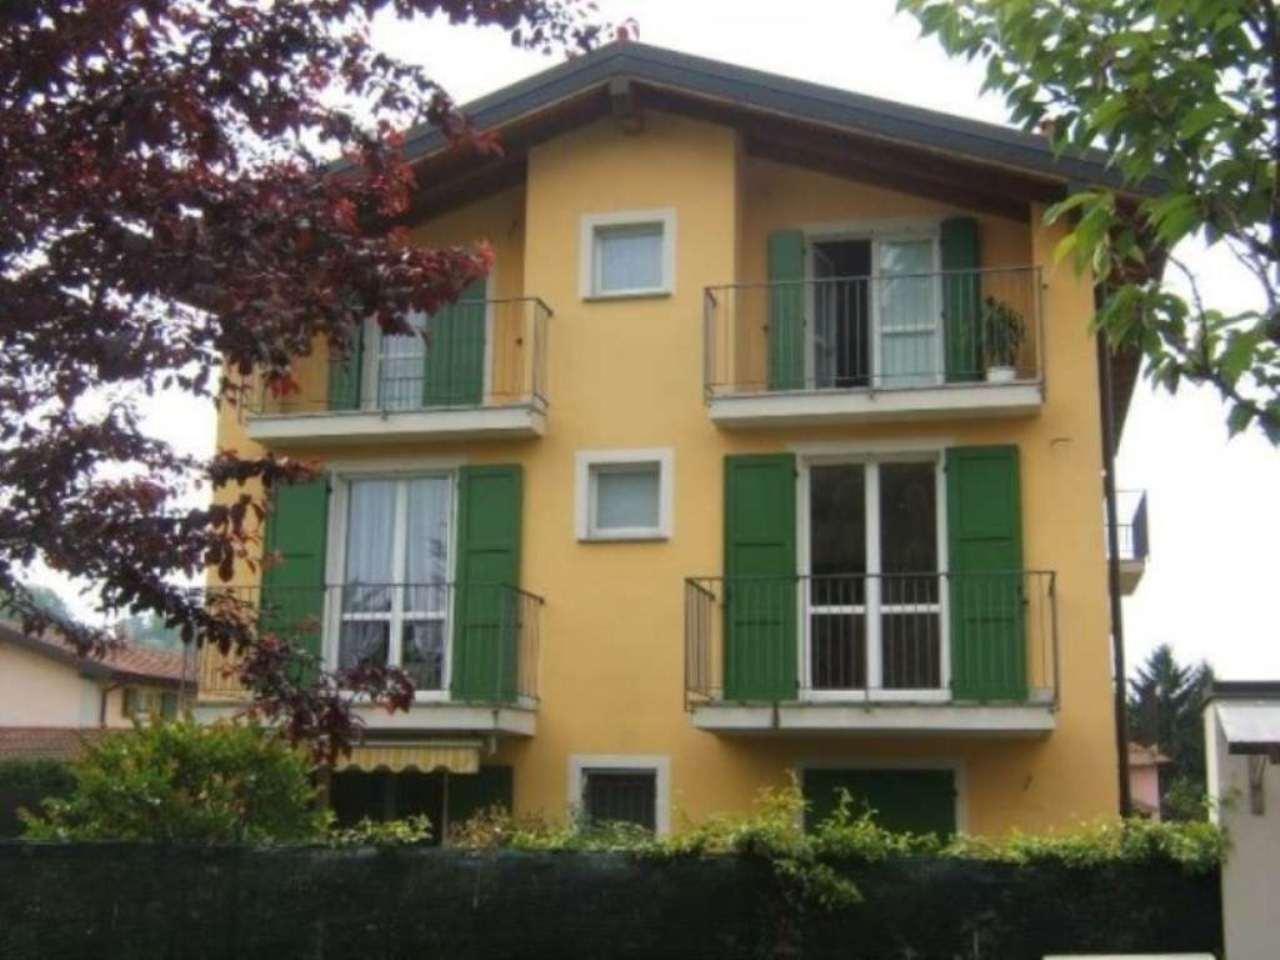 Appartamento in vendita a Travedona-Monate, 3 locali, prezzo € 125.000 | Cambio Casa.it